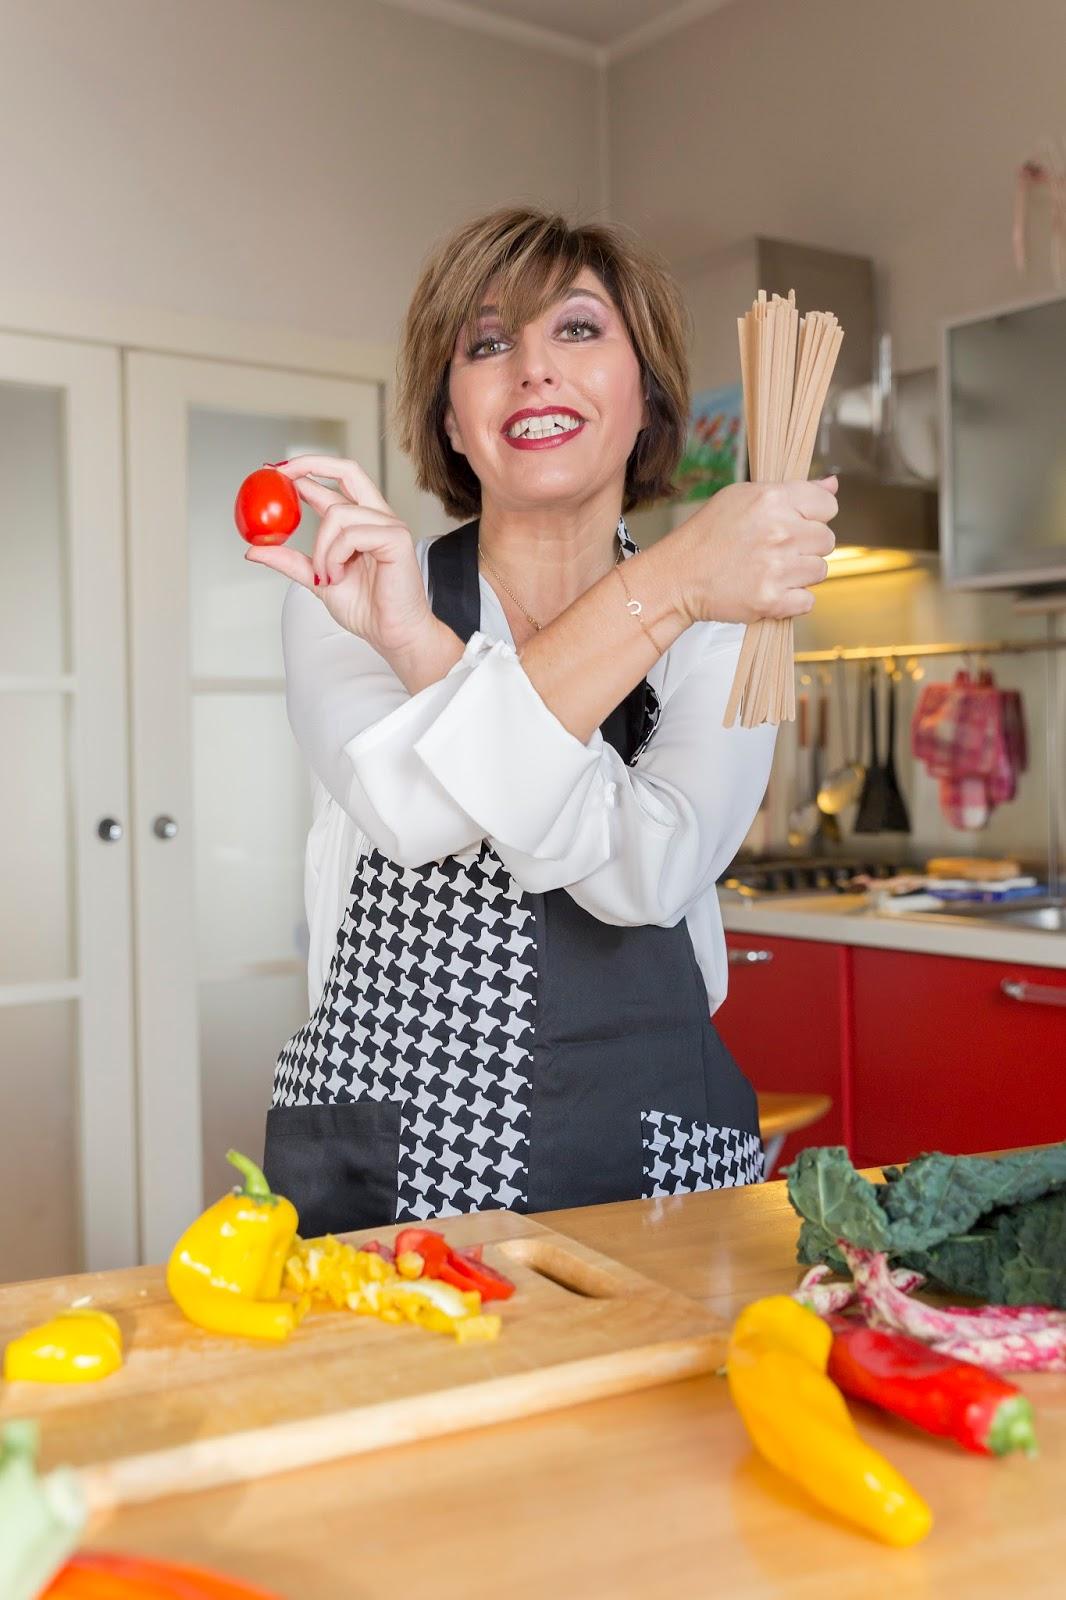 Cucina a basso contenuto glicemico gennaio 2018 - Corsi cucina piacenza ...